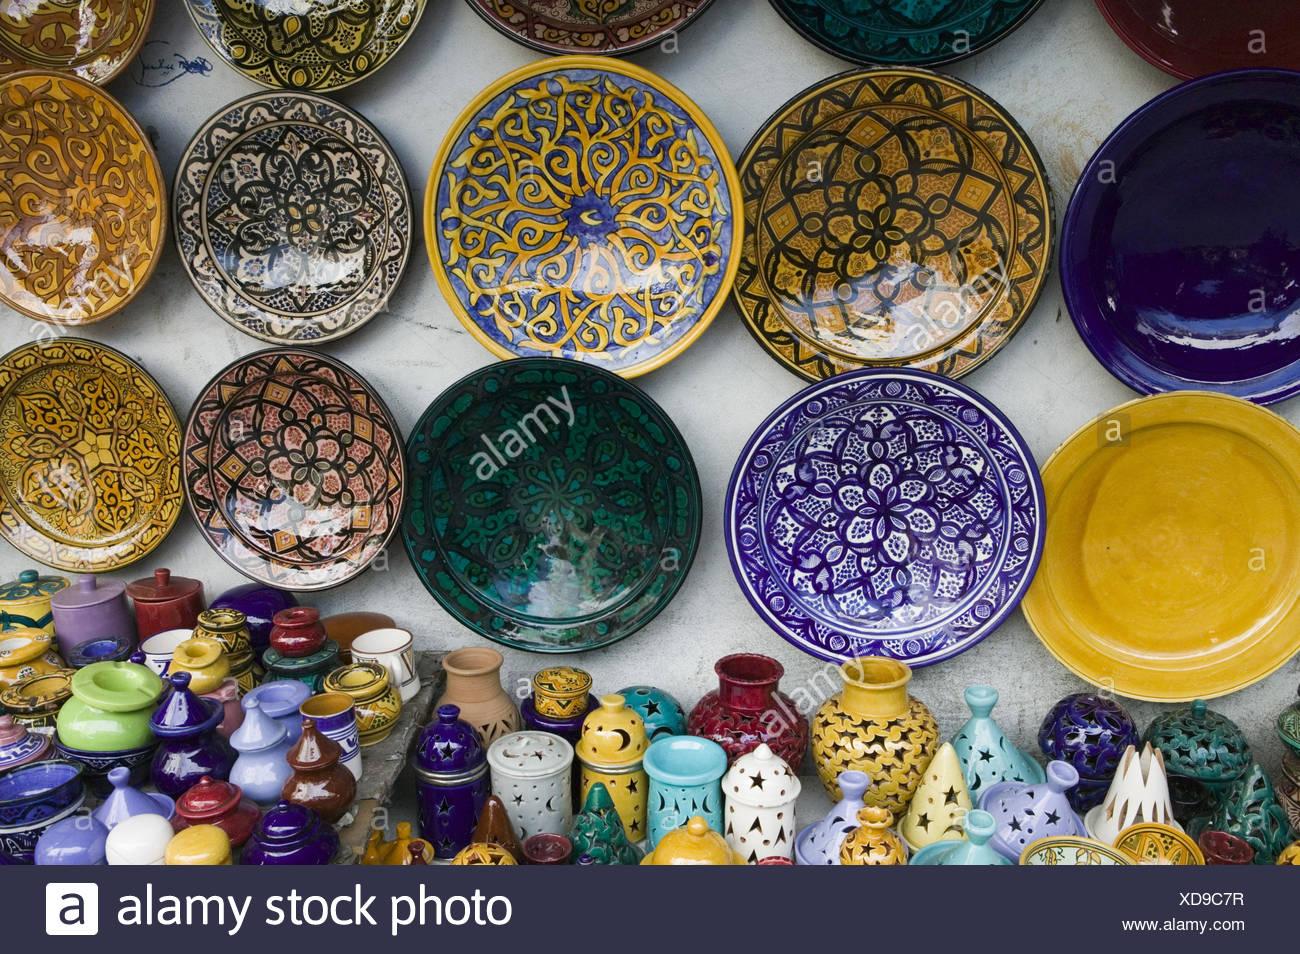 Marokko, Casablanca, Quartier Habous,  Souvenirgeschäft, Keramik, Detail,   Stadt, Stadtteil, Geschäft, Verkauf, Kunsthandwerk, Handwerkskunst, kunstvoll, landestypisch, Teller, Wandteller, Teelichter, Dosen, Aschenbecher, bunt, Vielfalt, außen, - Stock Image